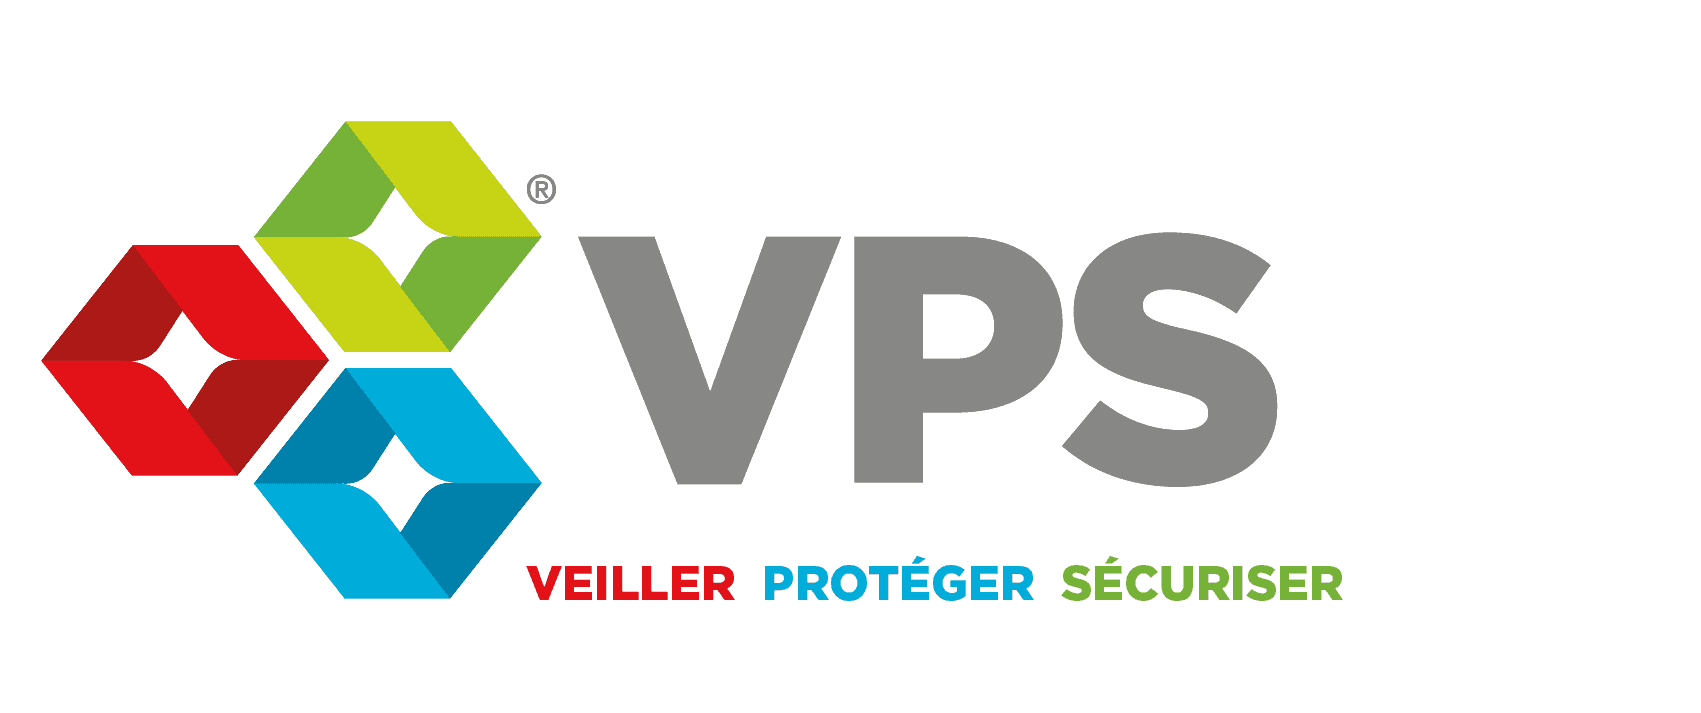 VPS sécurisation de biens immobiliers vacants